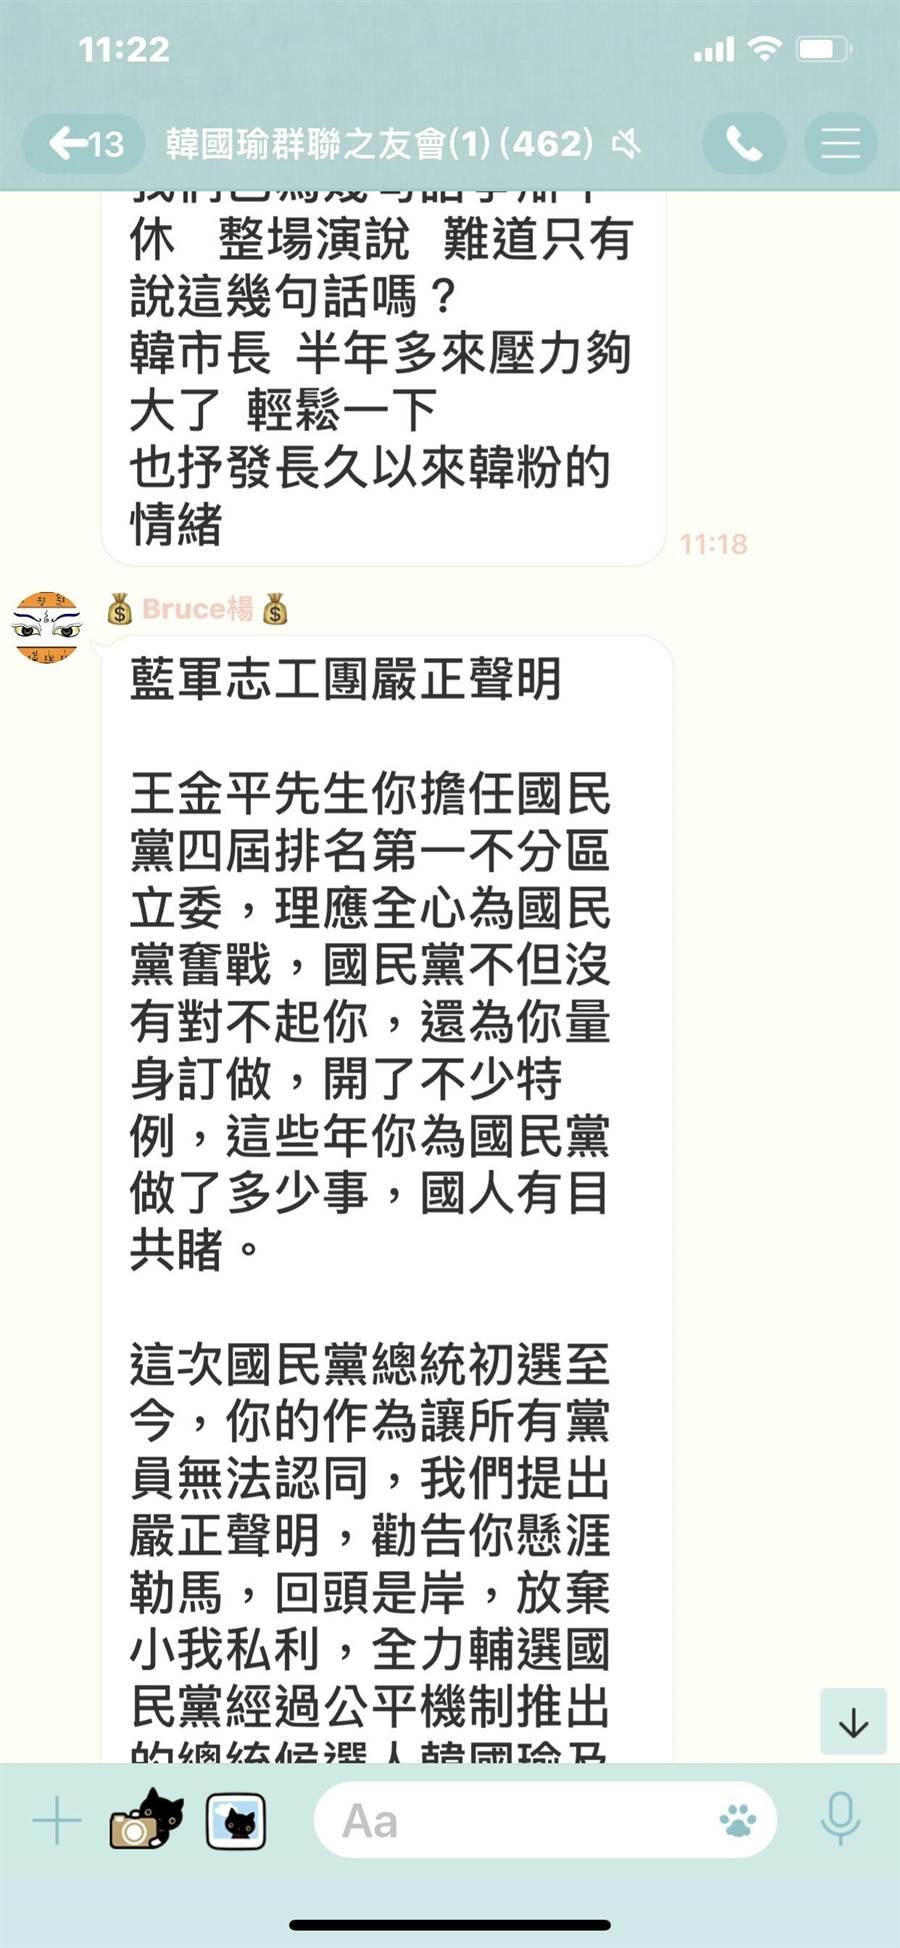 藍軍志工團召集人陳鎮湘《藍軍志工團嚴正聲明》,在群組間廣傳。(圖/讀者提供)